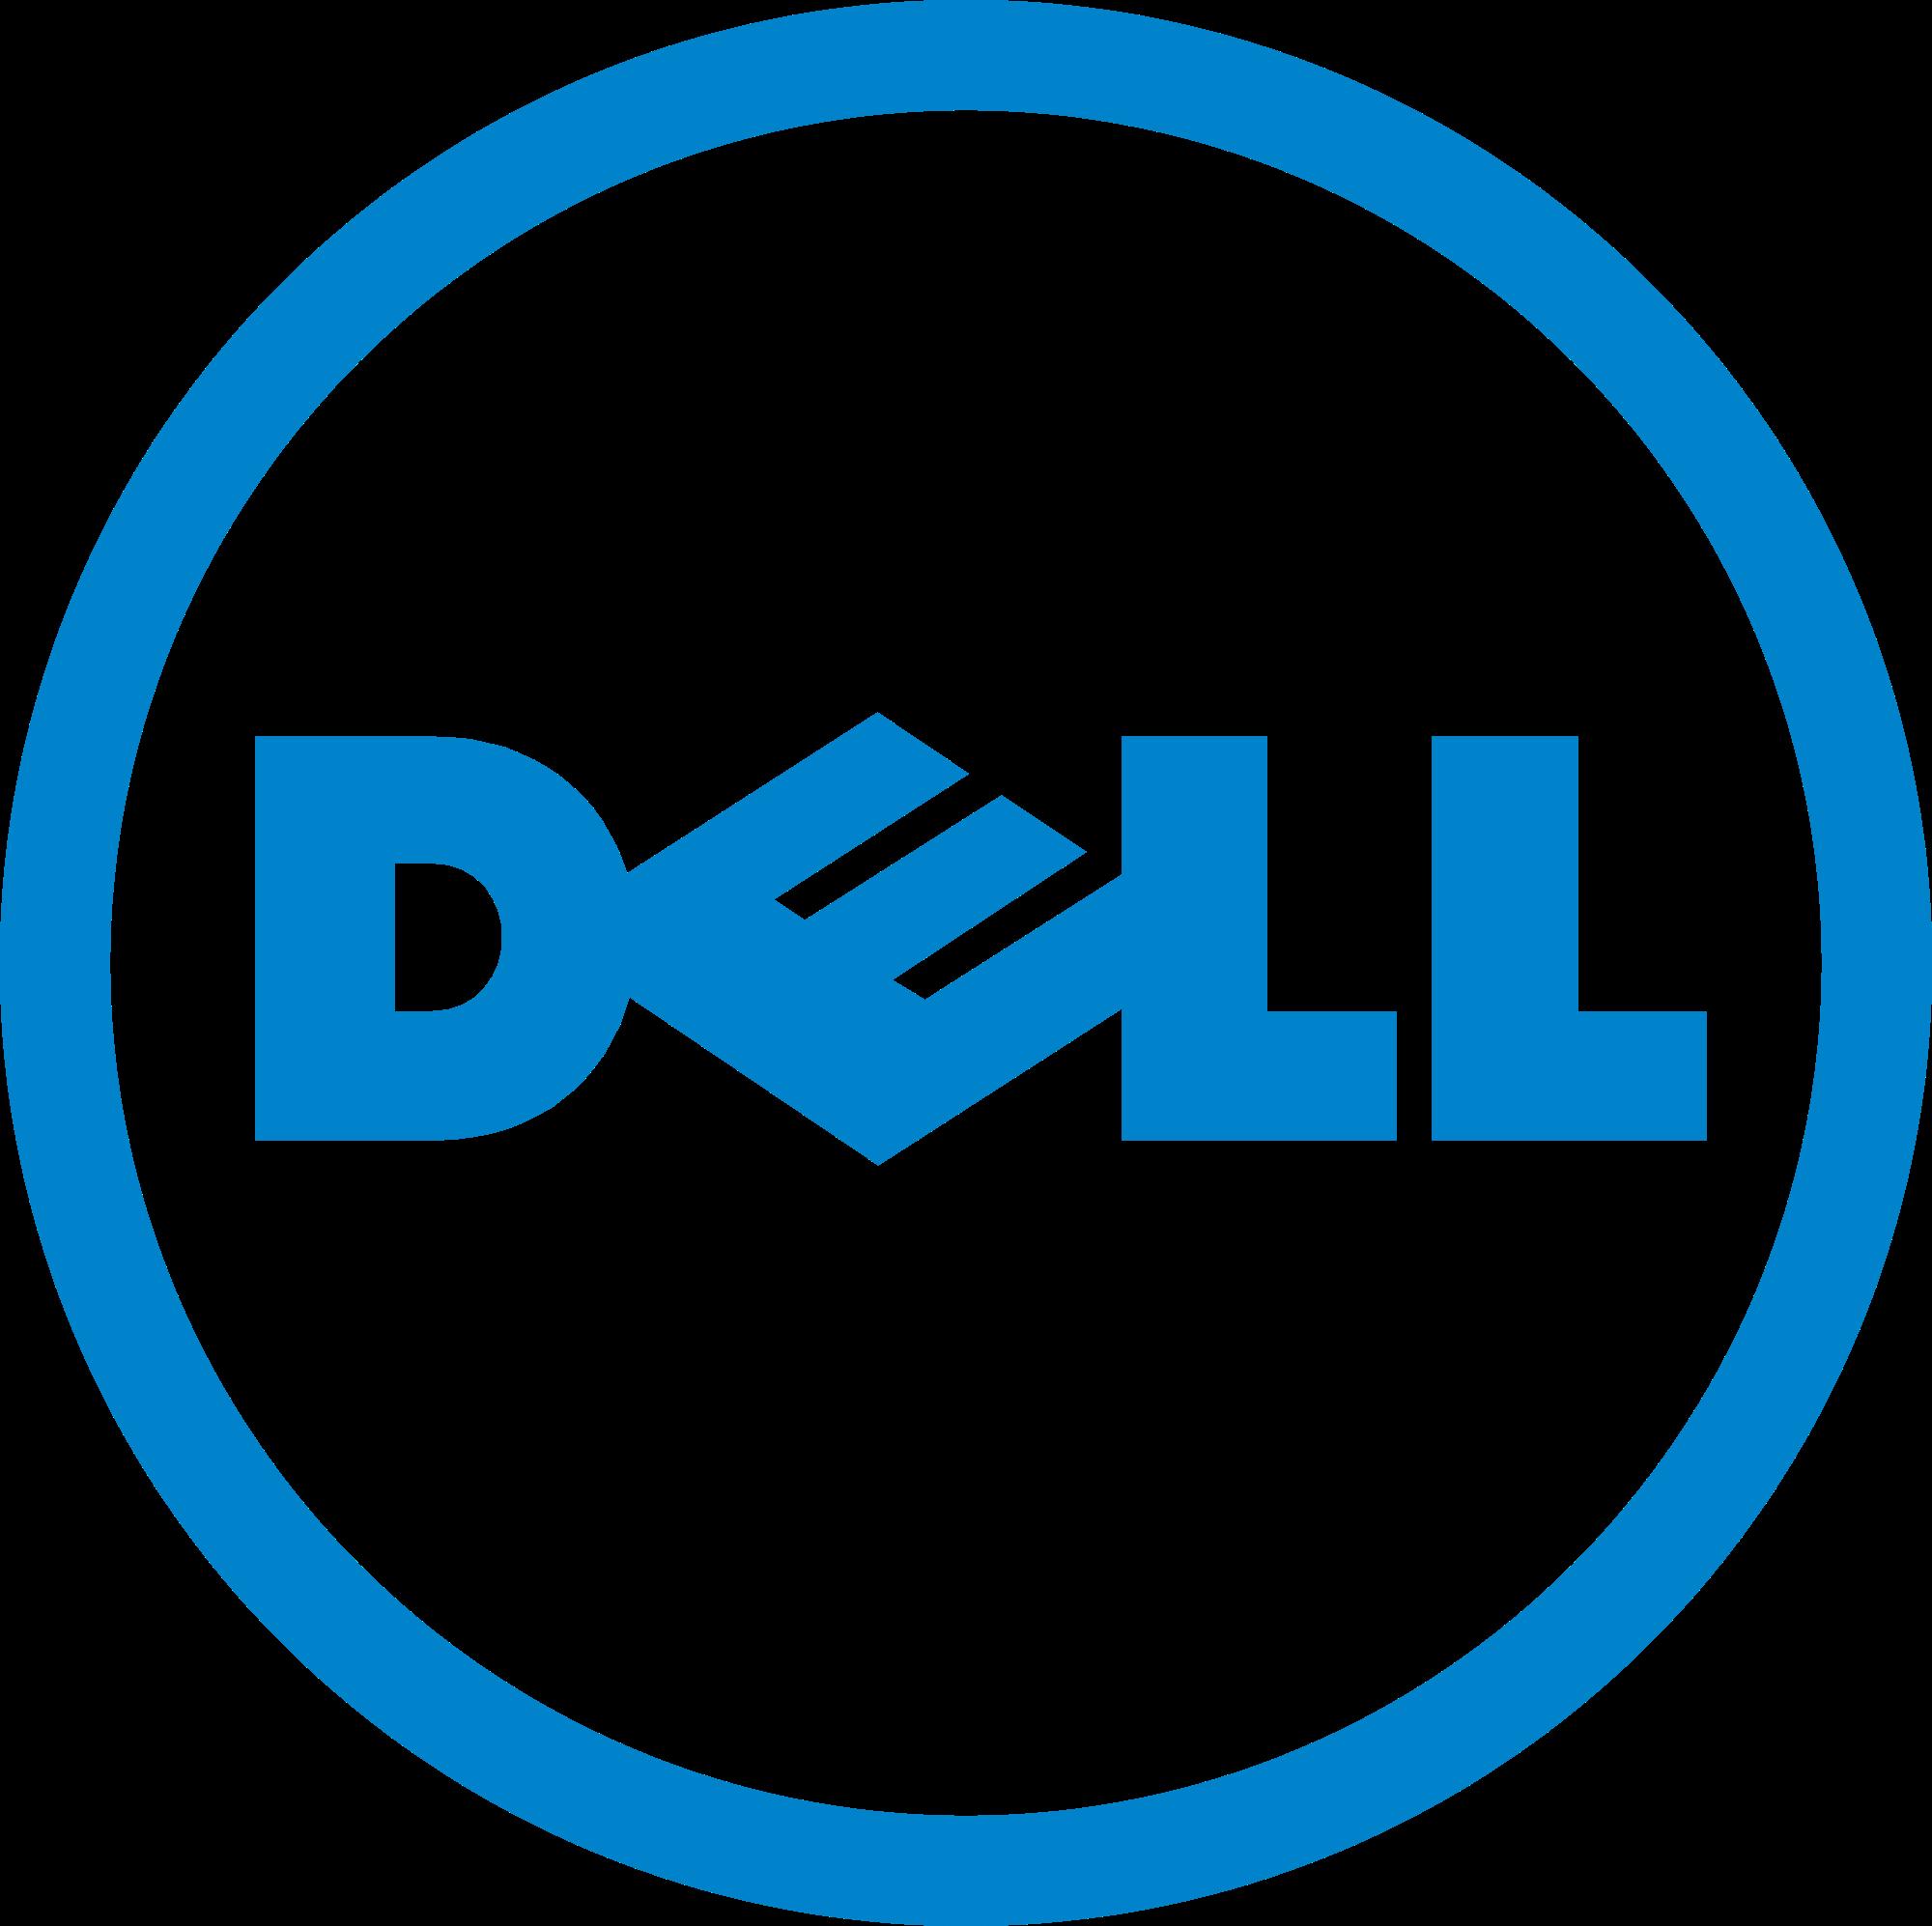 Dell Premiere Partner